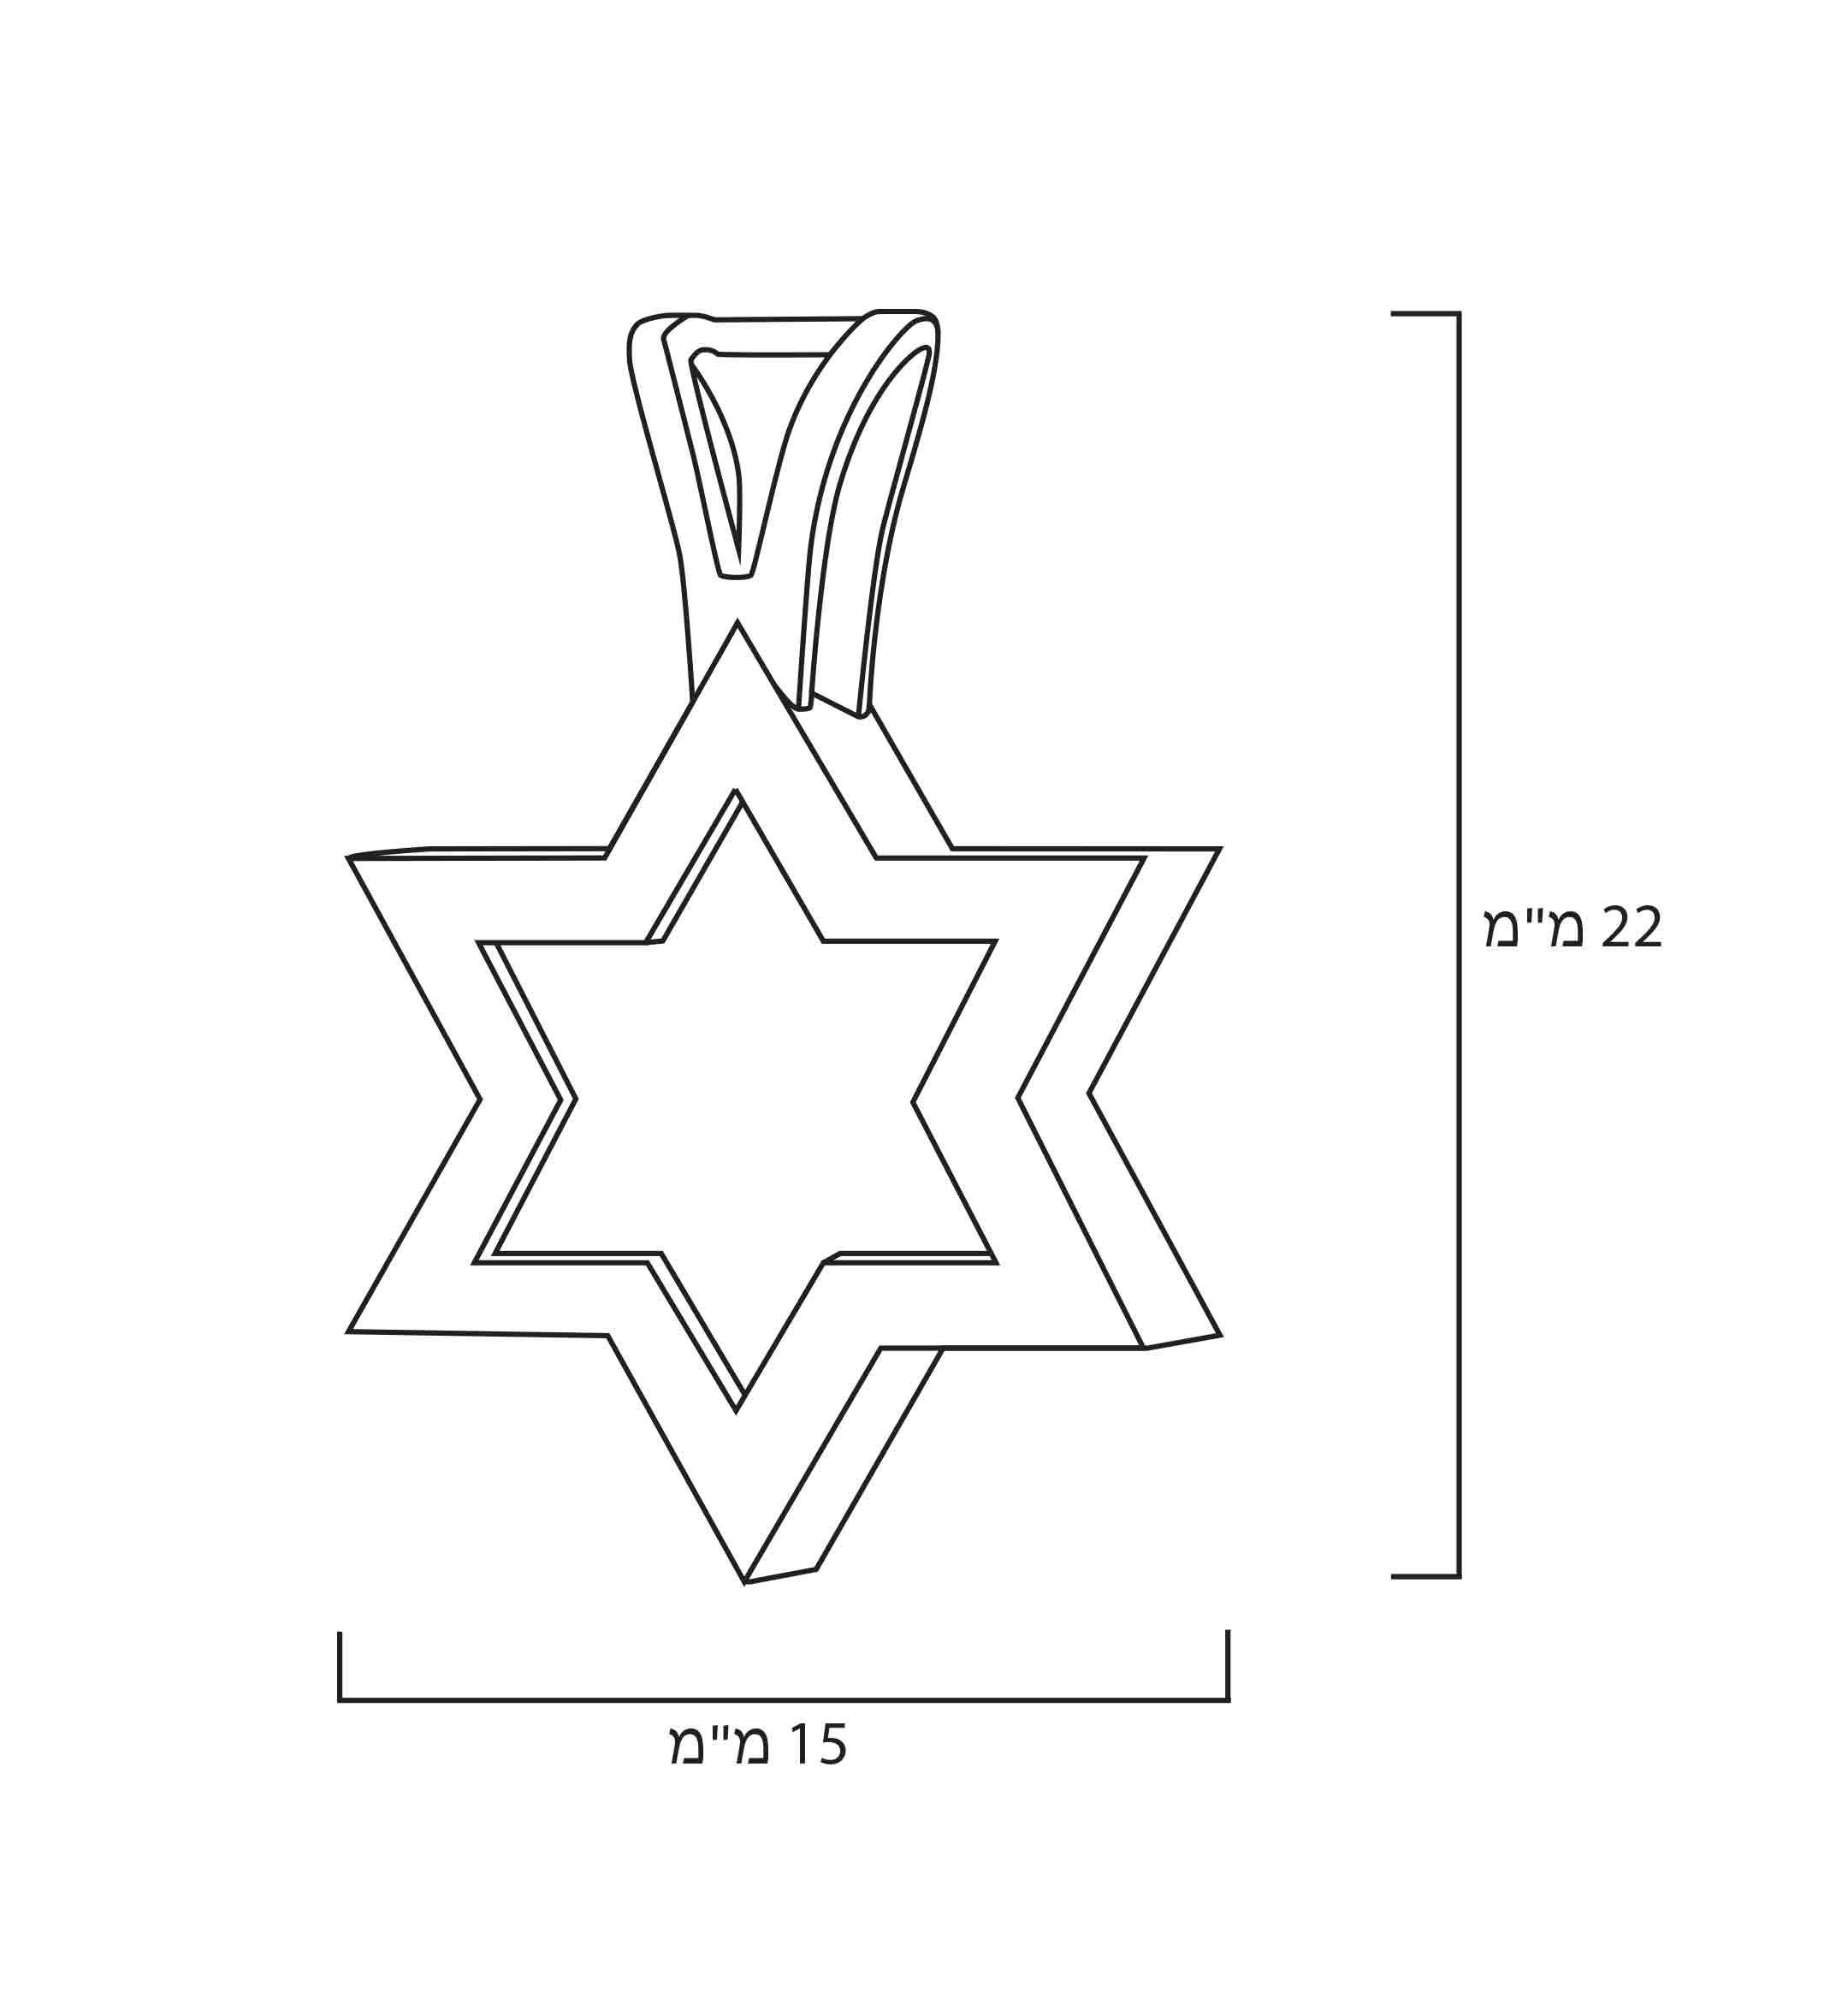 מתנה לבר מצווה לילד דתי - שרשרת מגן דוד שמע ישראל - מתנה מקורית לבר מצווה - תכשיטי ננומתנה לבר מצווה לילד דתי - שרשרת מגן דוד שמע ישראל - מתנה מקורית לבר מצווה - תכשיטי ננו